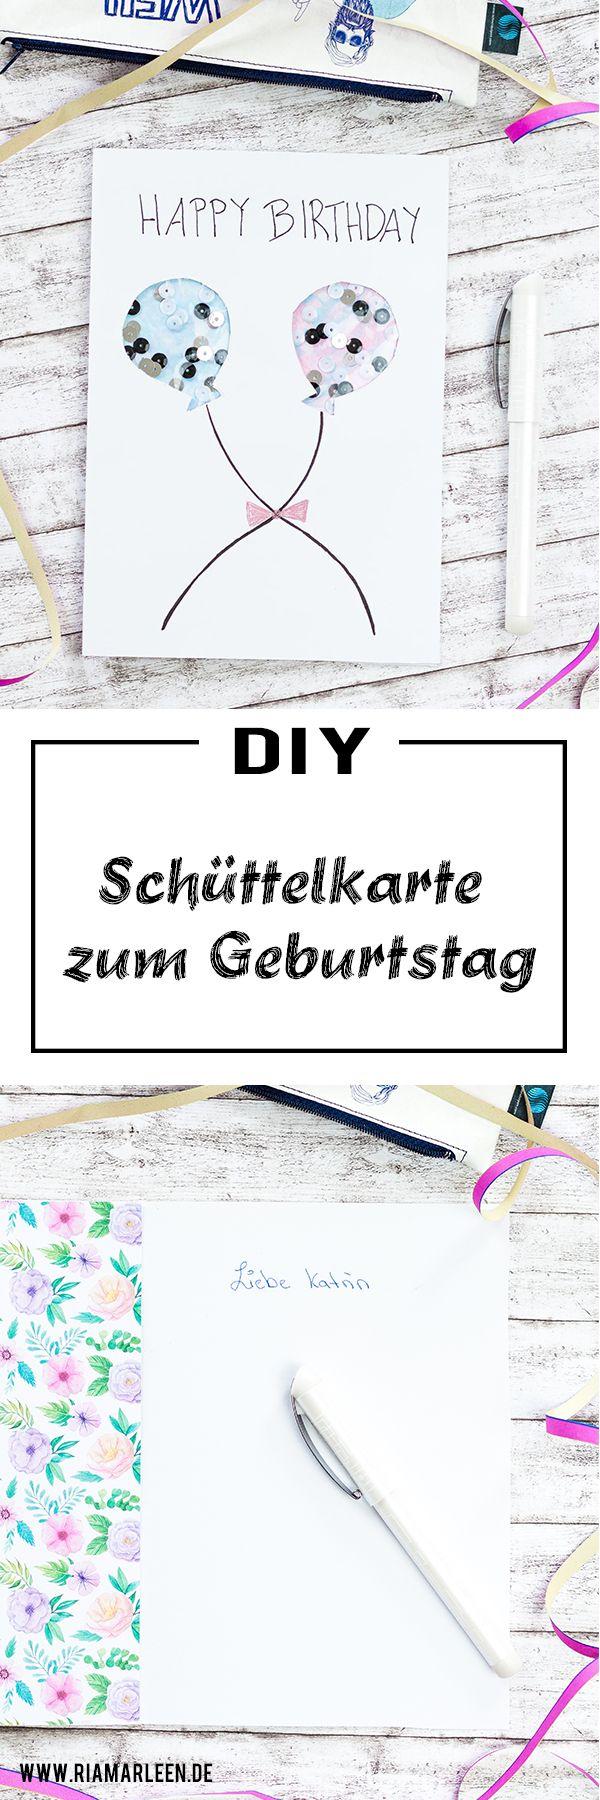 DIY Schüttelkarte zum Geburtstag basteln - mit dem Schneider Glam VIP #diybirthdaydecor